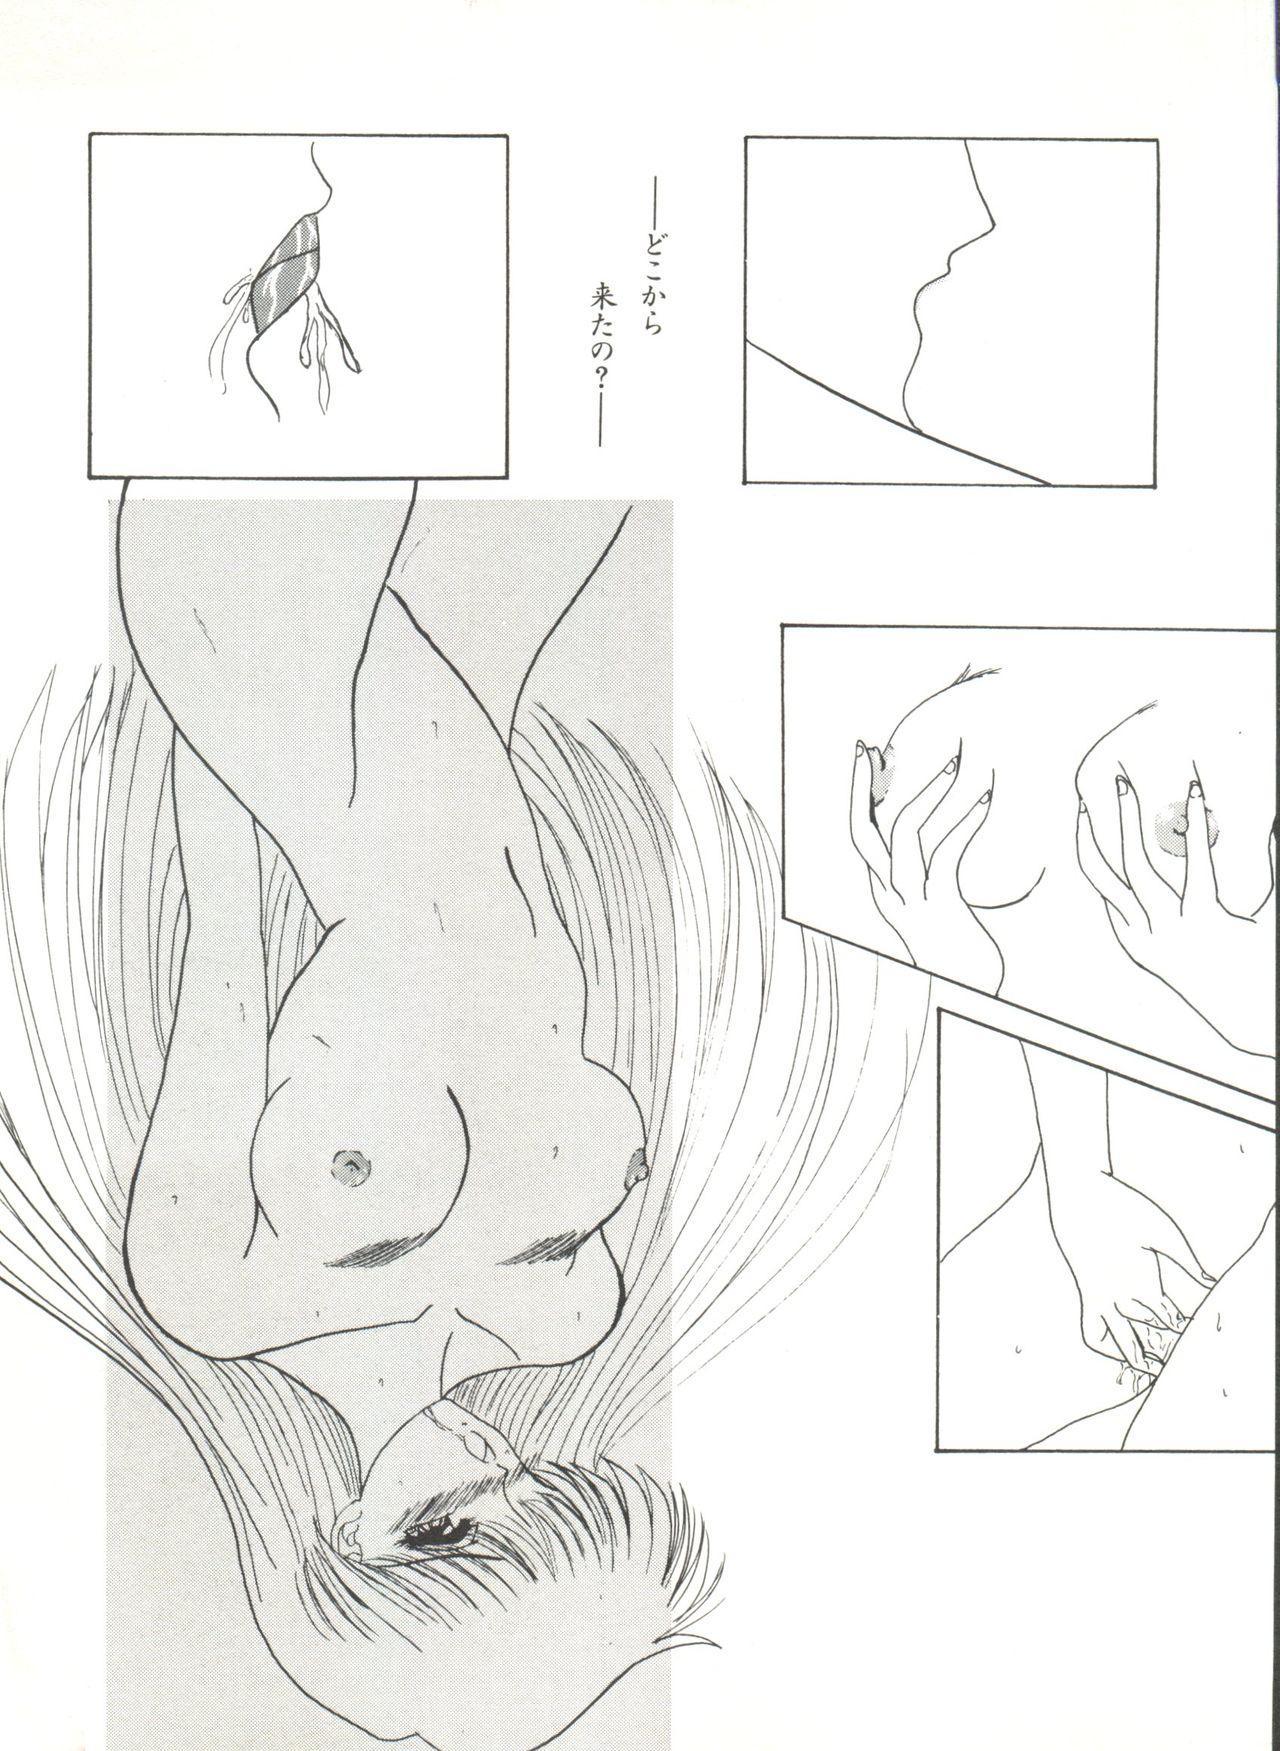 Bishoujo Doujinshi Anthology 6 134